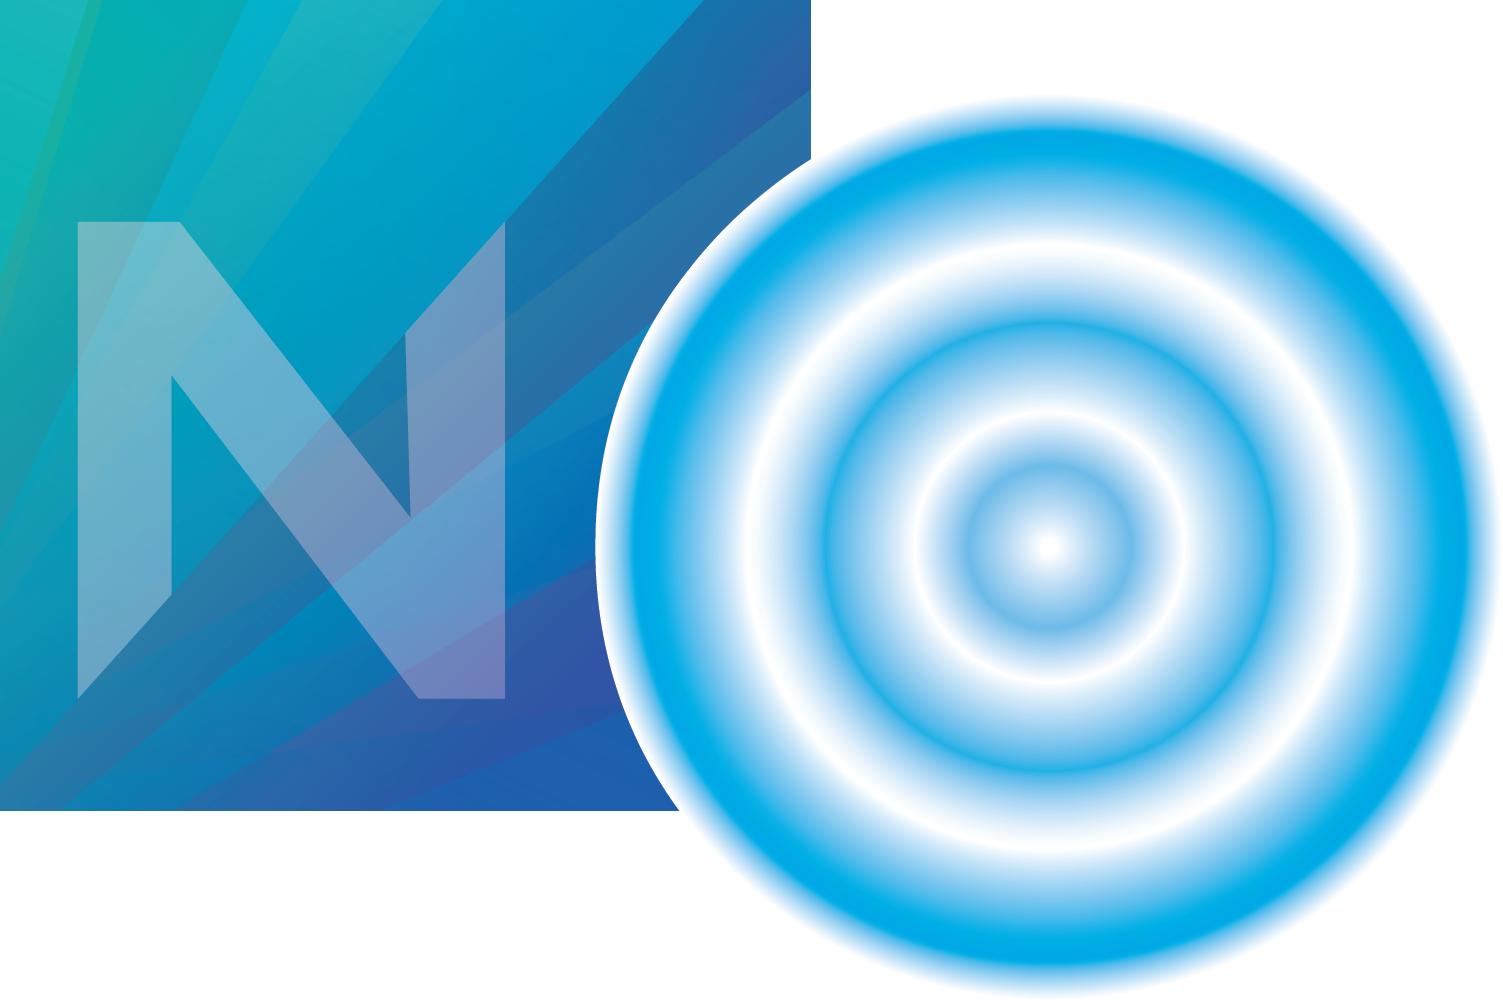 Still Water Ripple logo